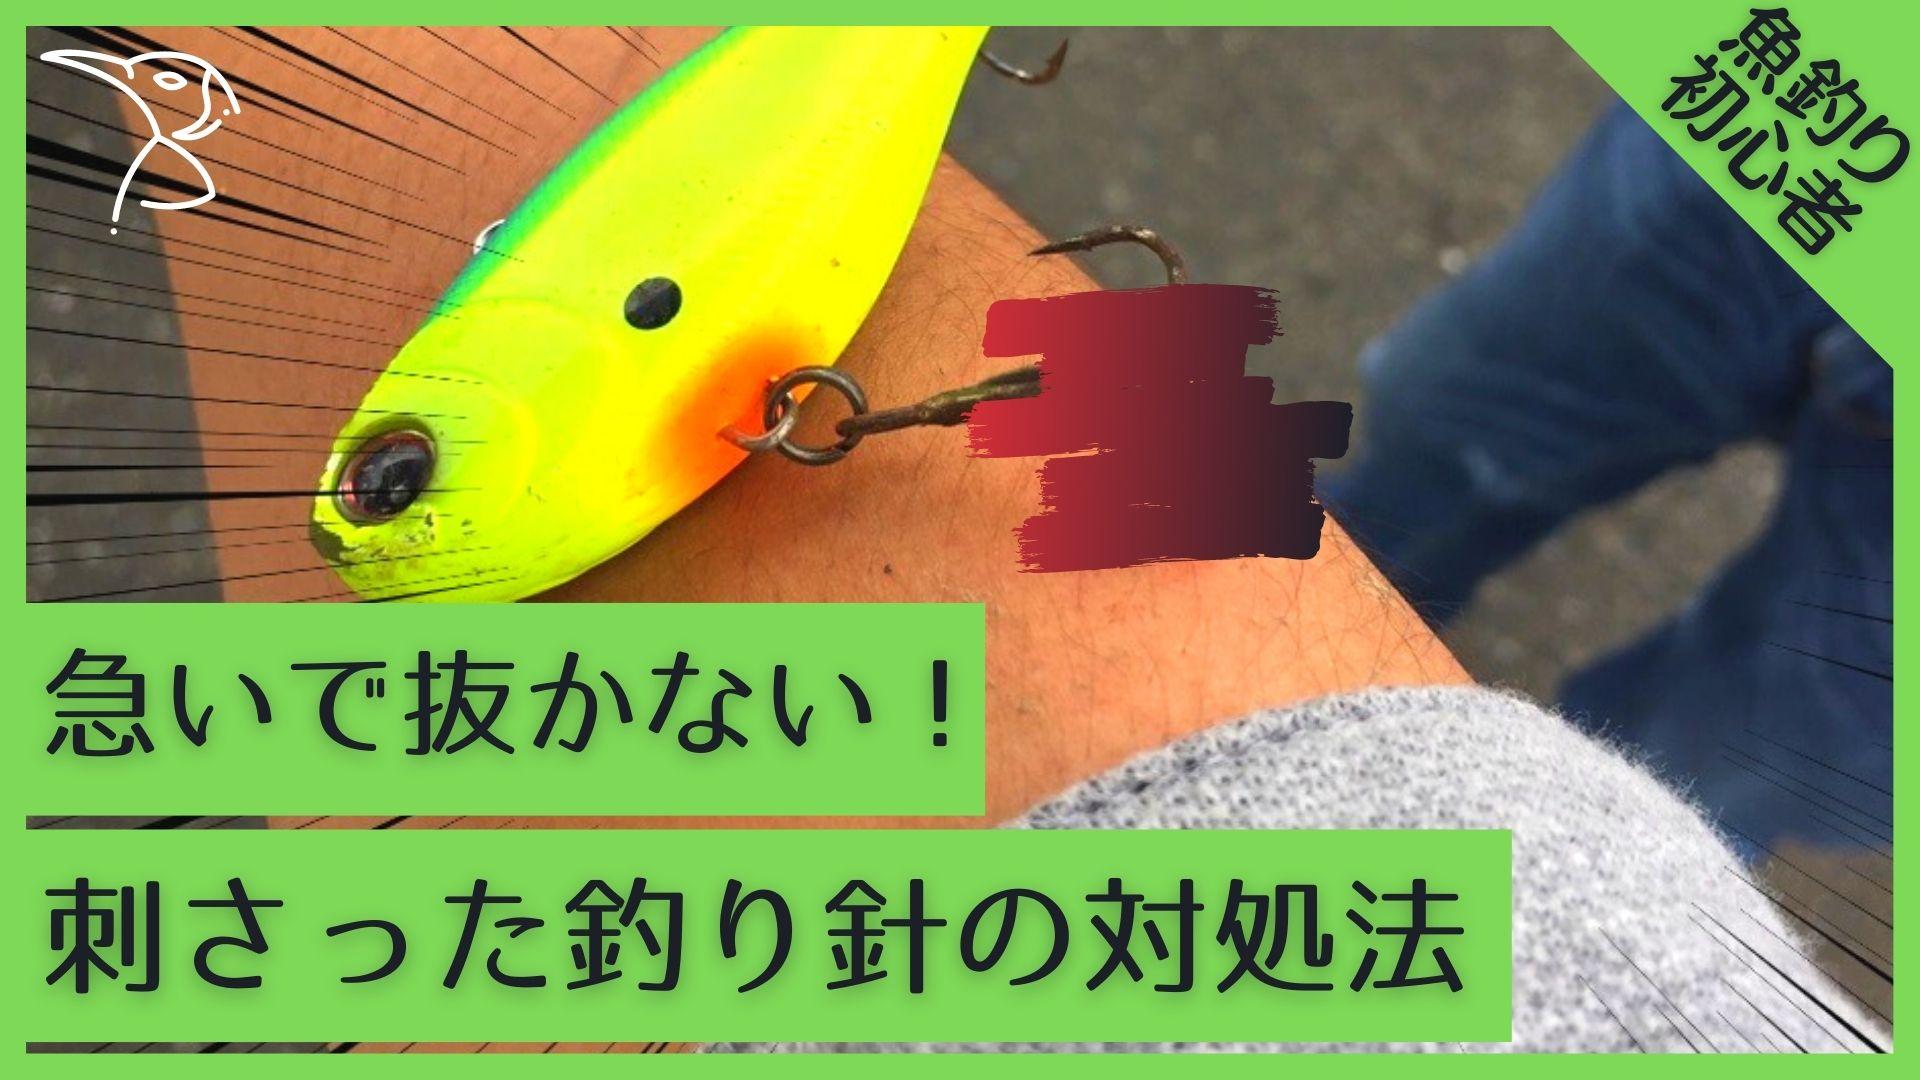 【Youtube】ルアーフック、釣り針が刺さった時の対処法!病院の治療費は〇〇円